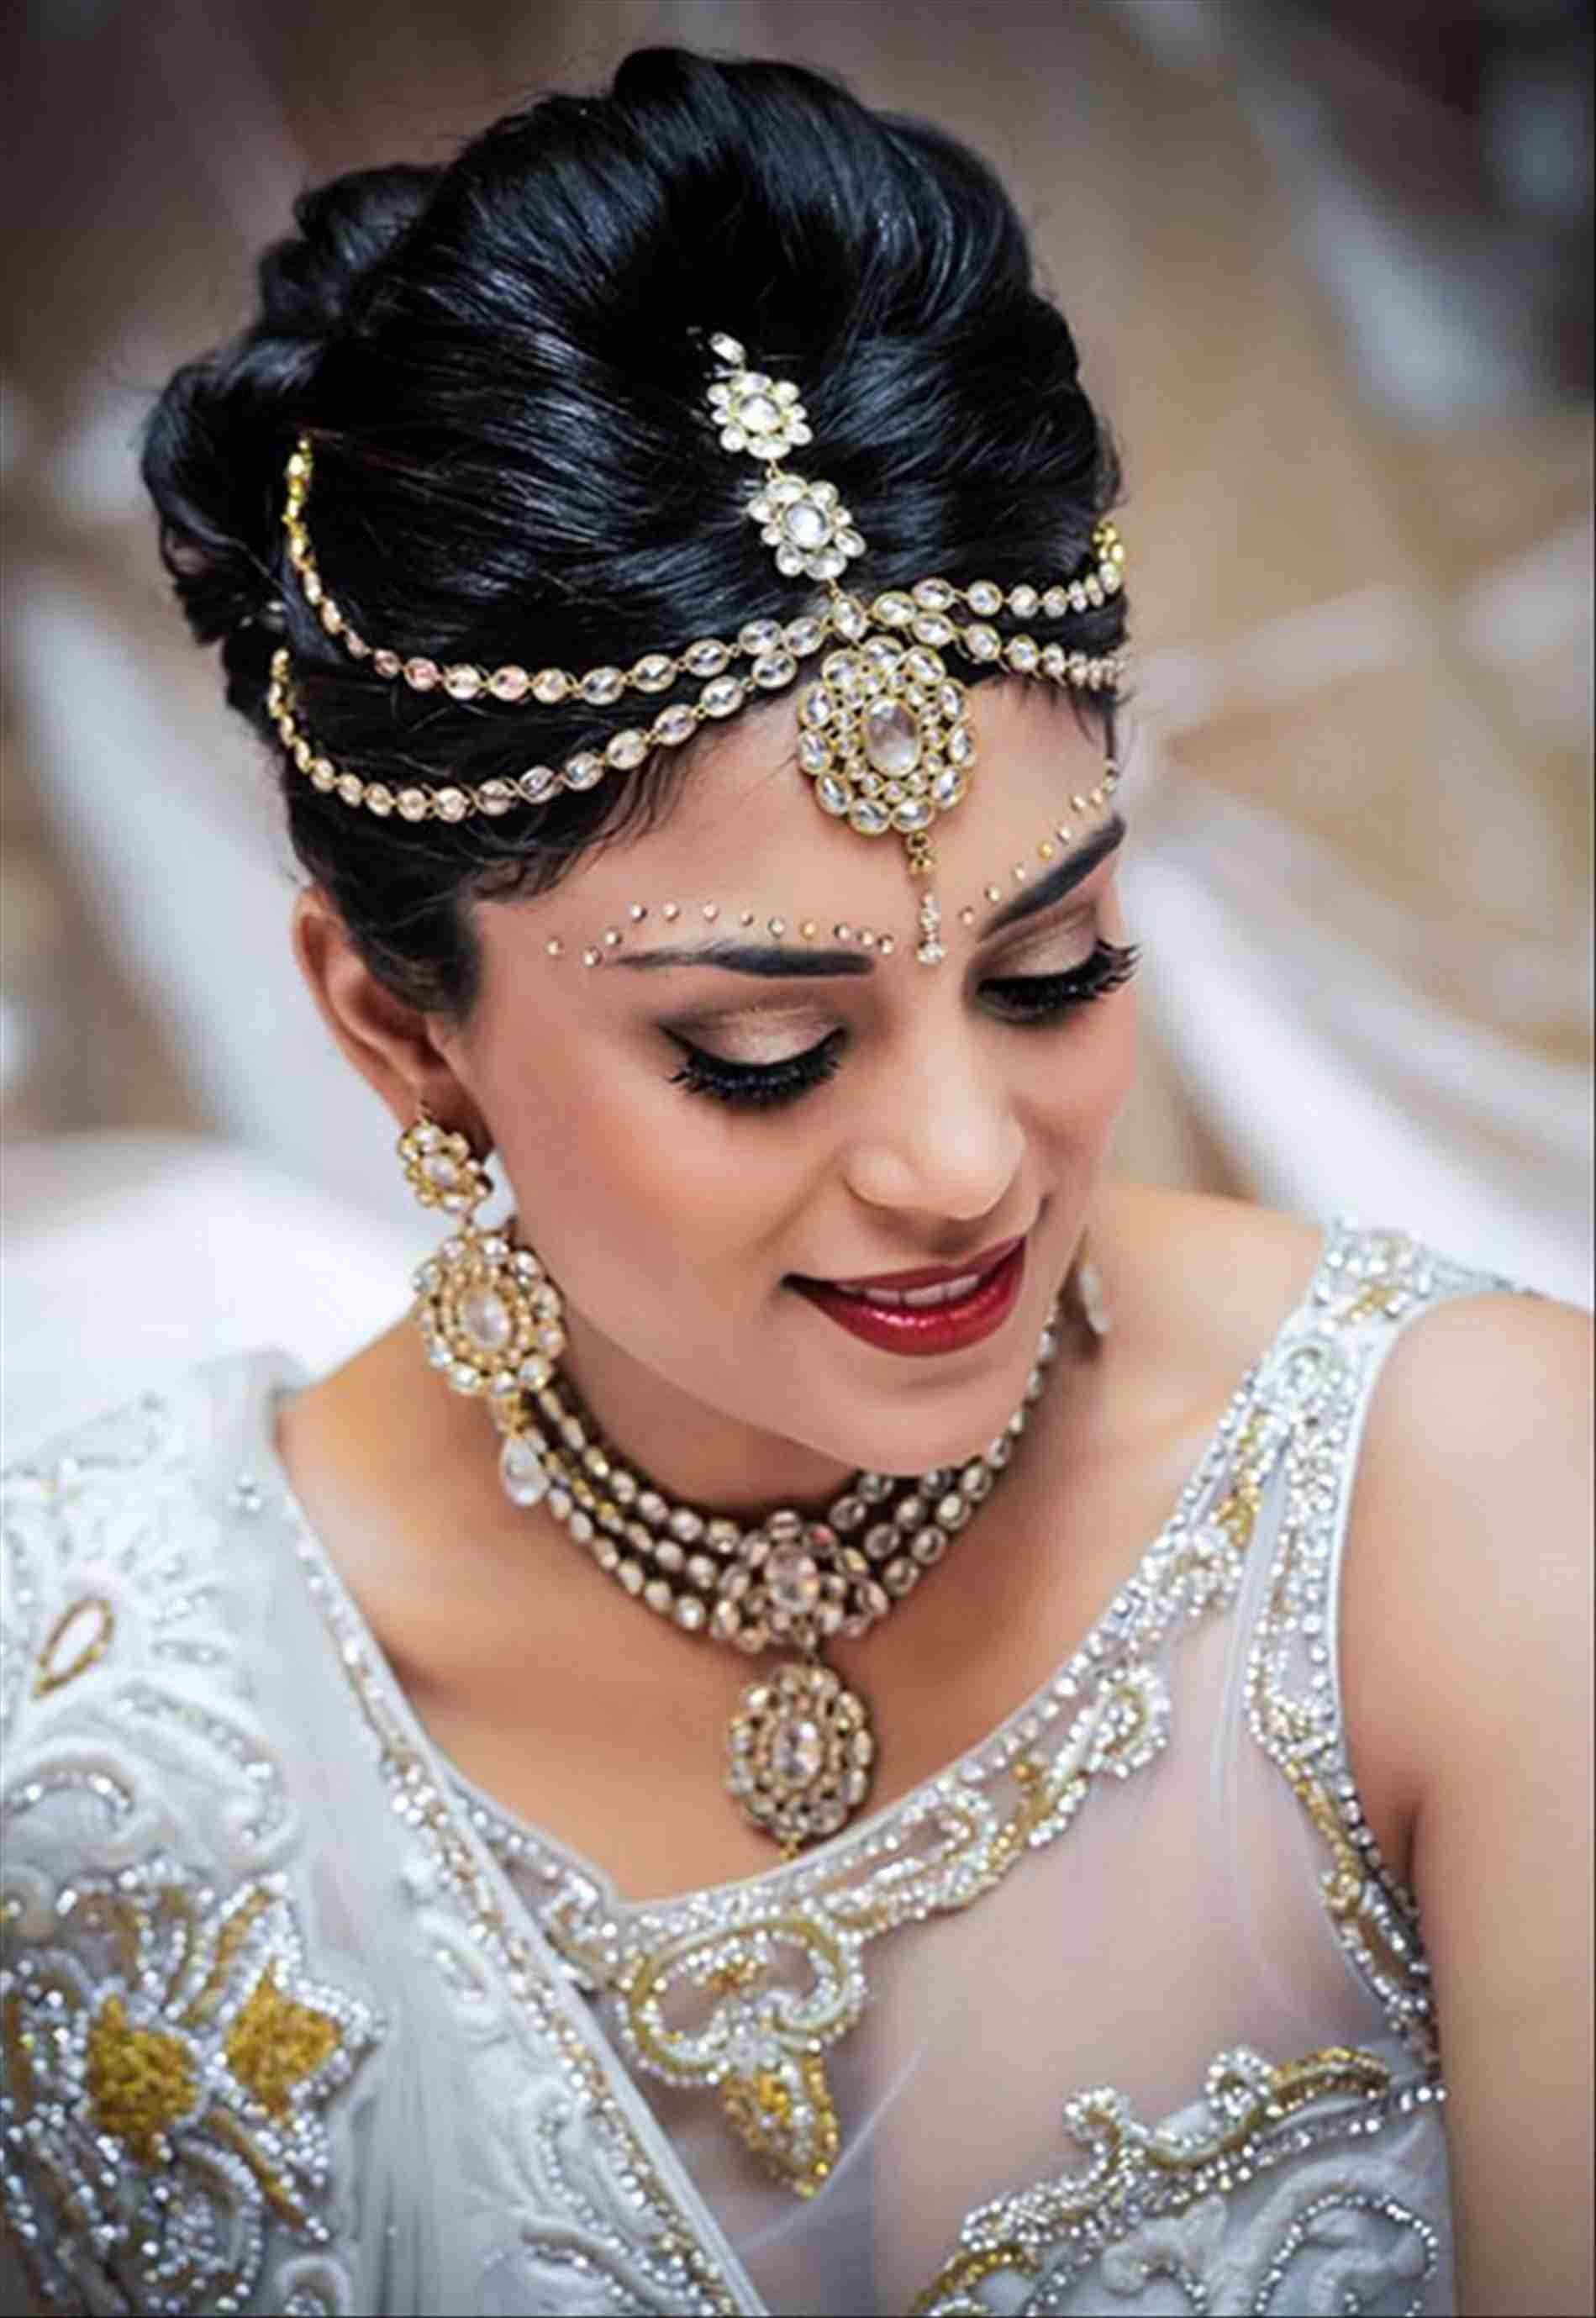 Asiatische Brautfrisur Neu Haar Frisuren 2018 Indisches Haar Indischer Brautschmuck Indische Braut